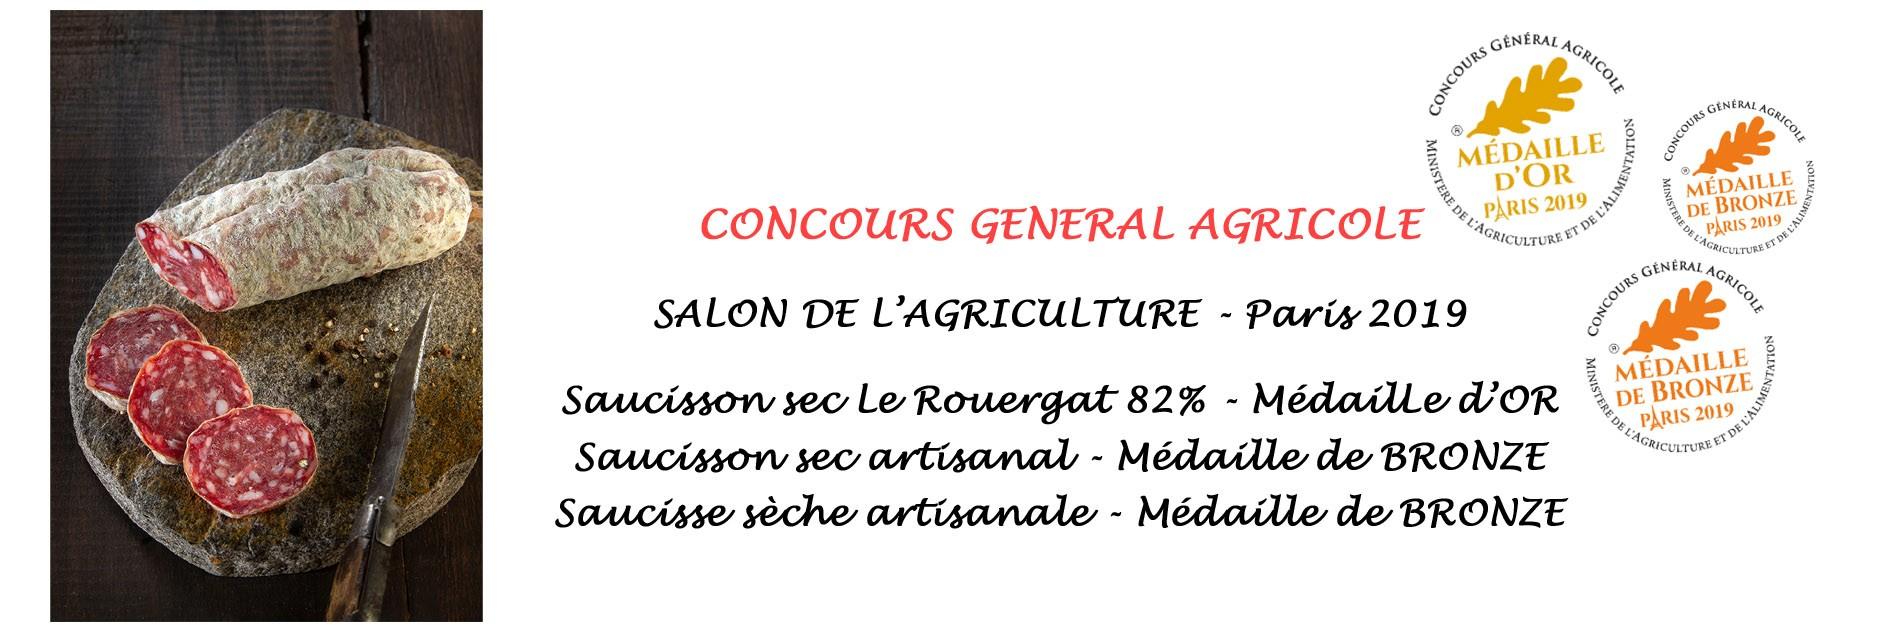 Salaisons LINARD récompensé au salon de l'agriculture